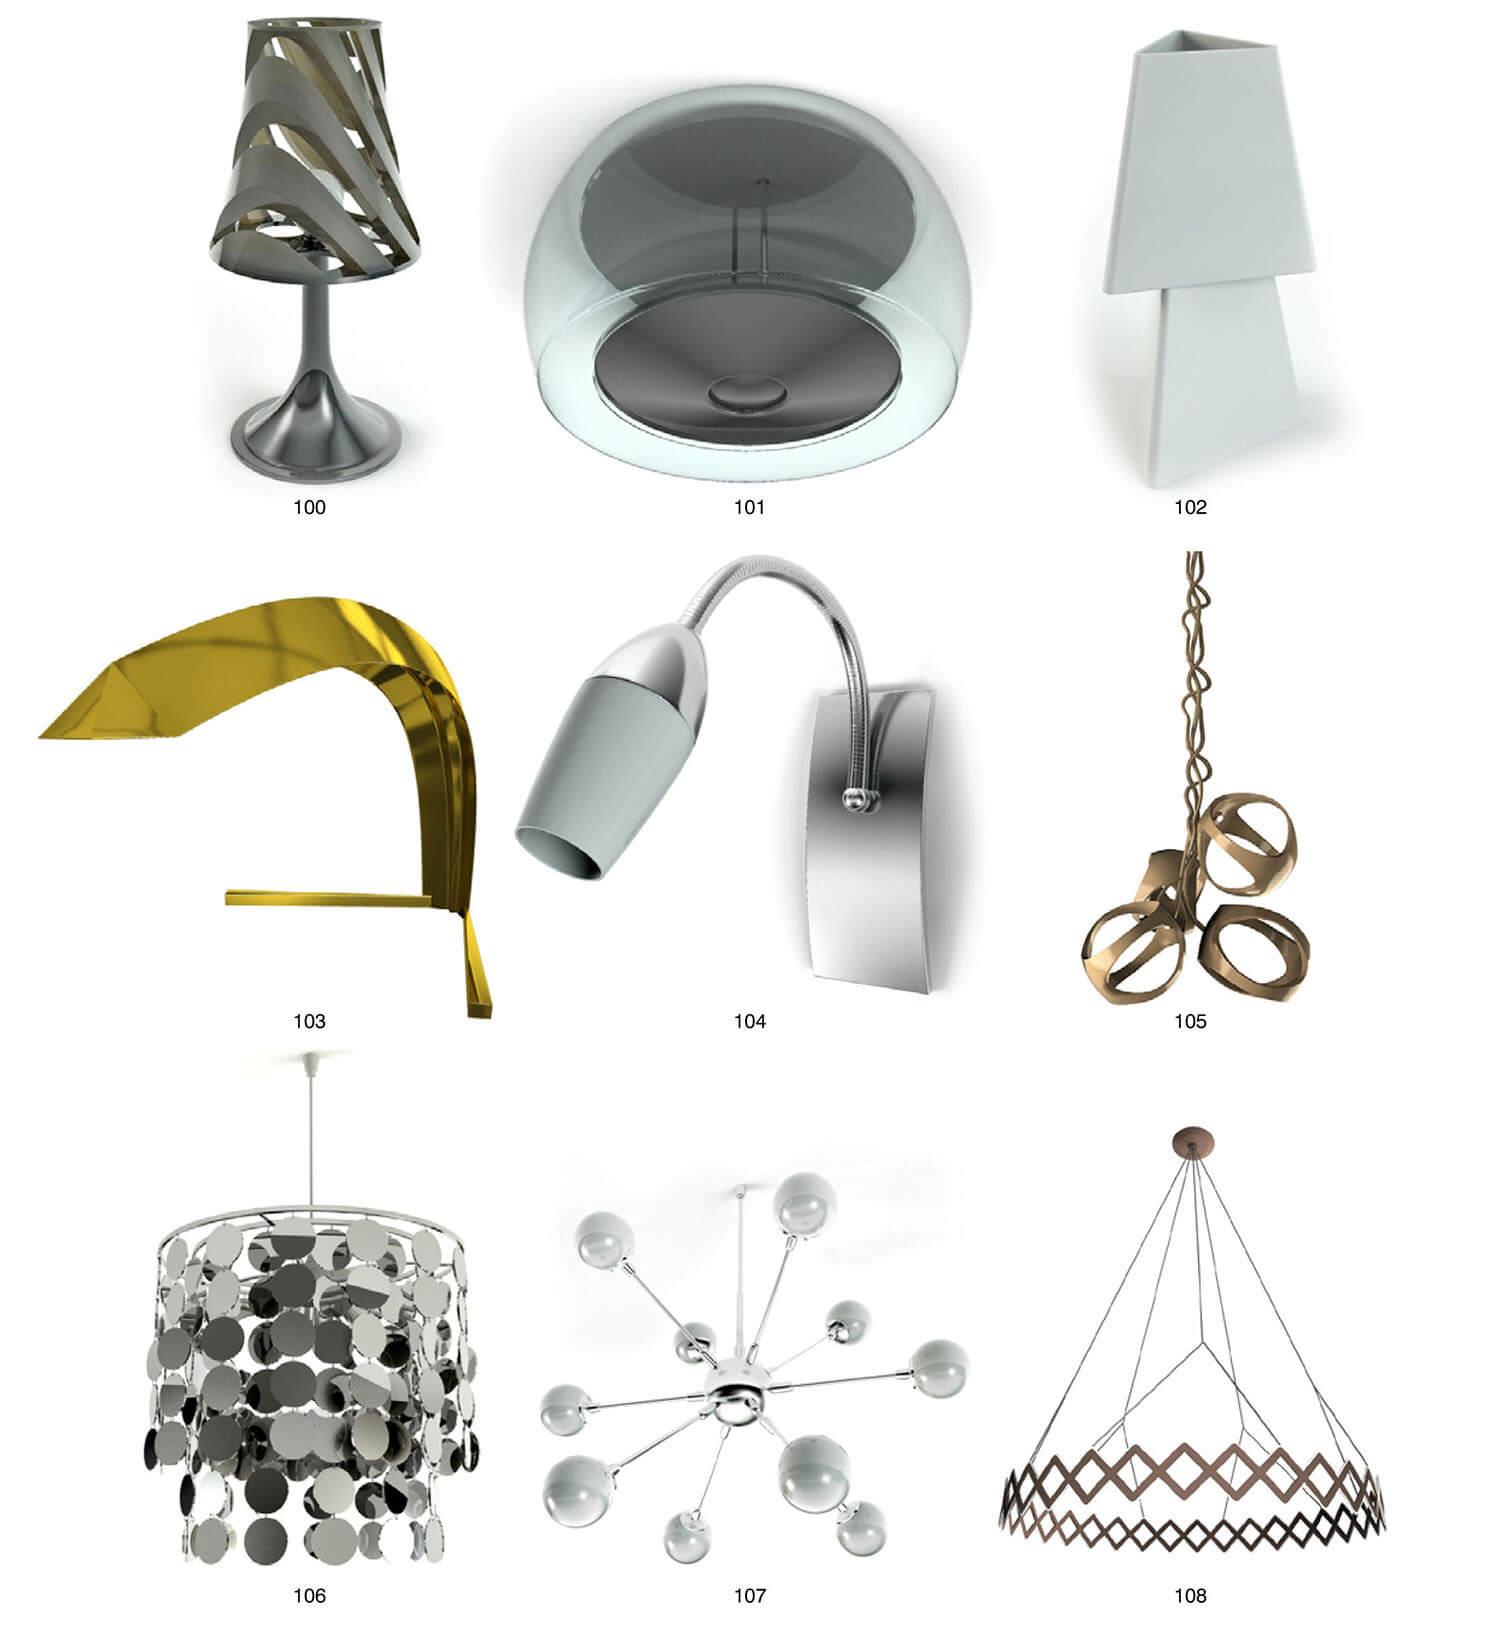 Các mẫu đèn với hình dáng thiết kế bay bổng, sáng tạo